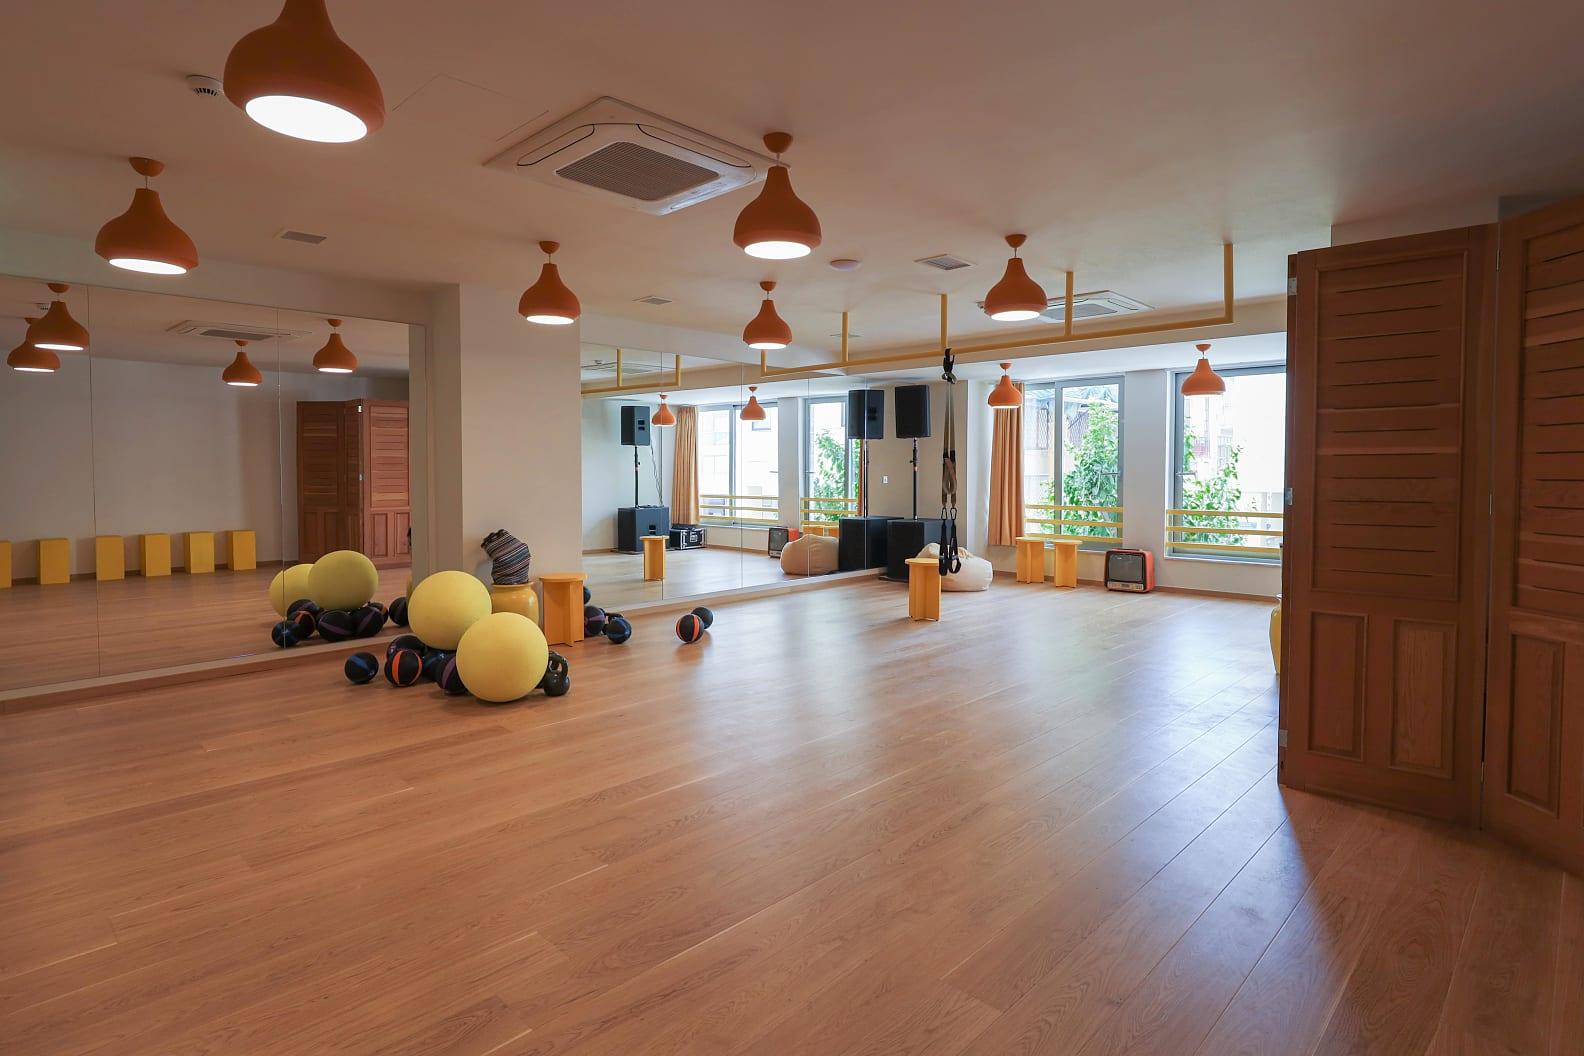 selina-athens-gym